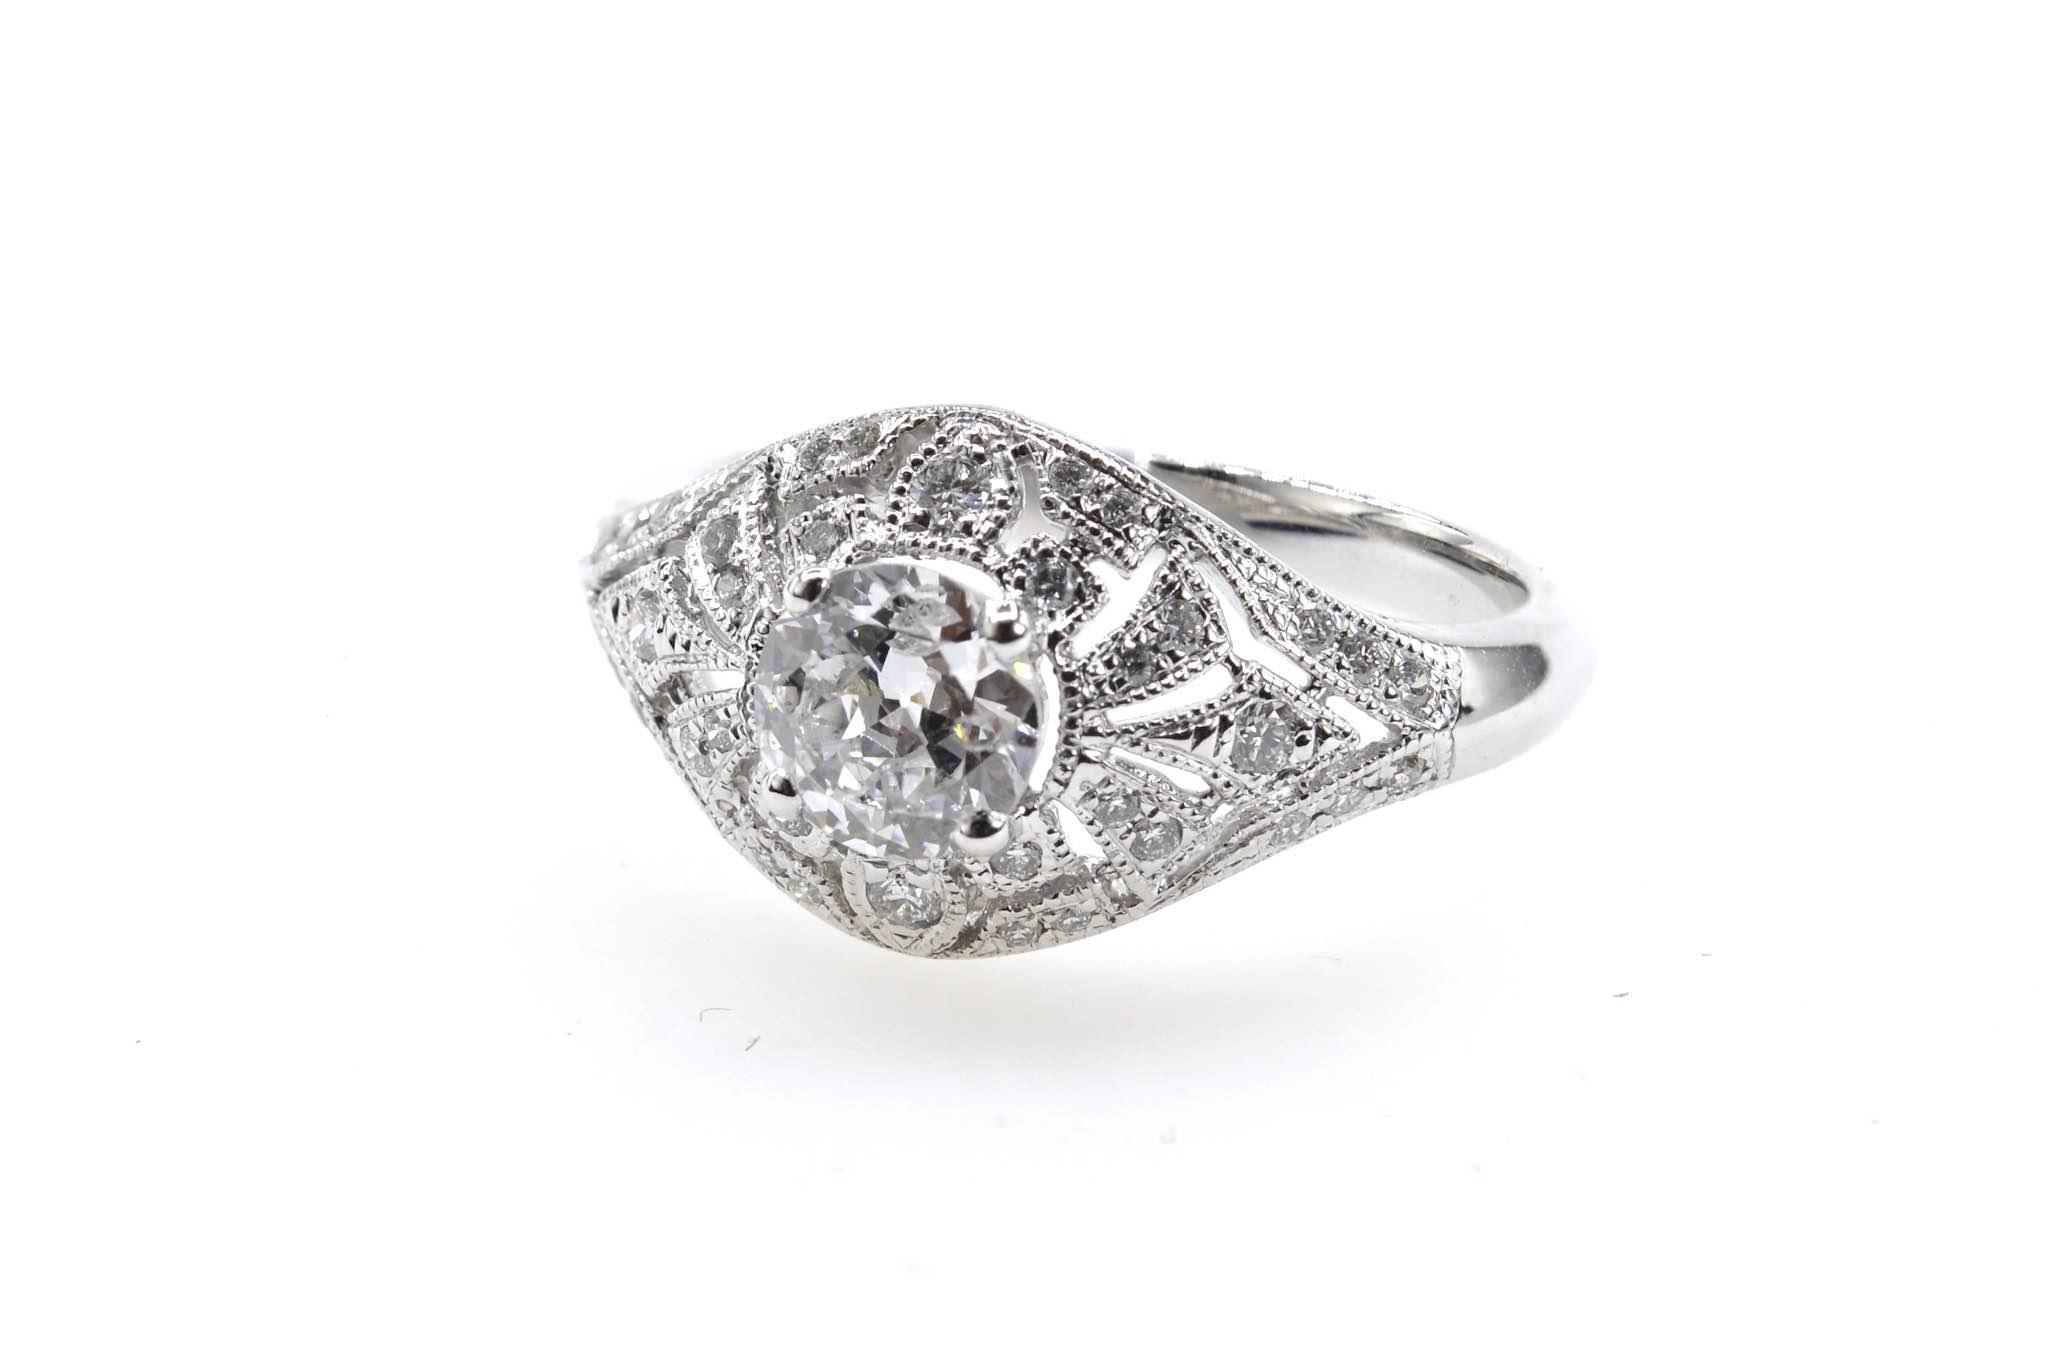 Bague diamants de style vintage ajourée en or blanc 18k